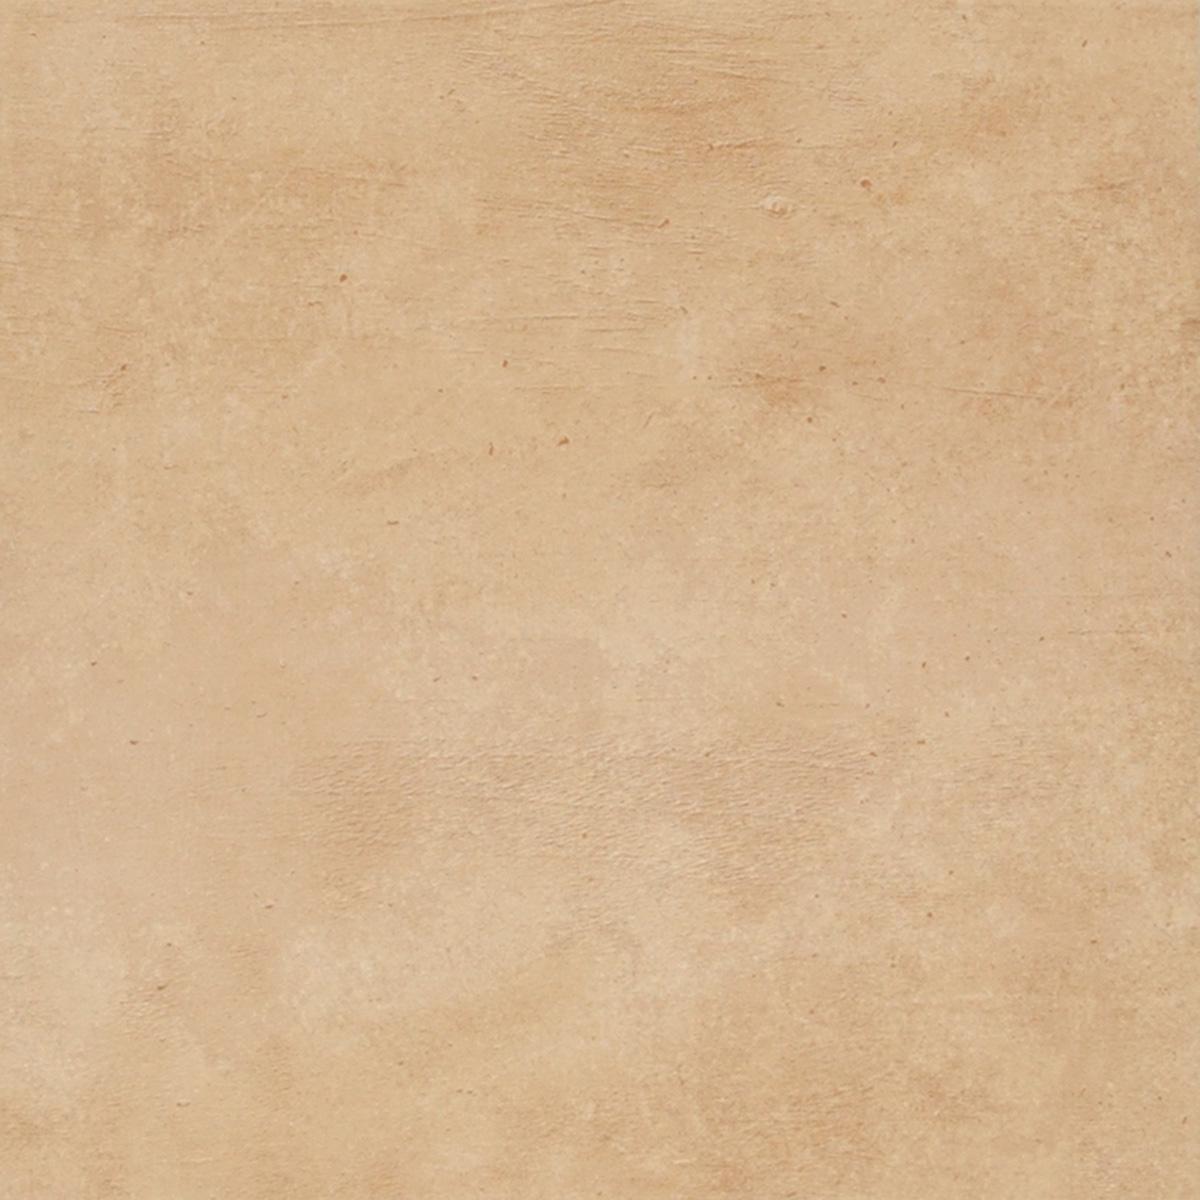 Gresie portelanata glazurata SIENA - Ocre 44.5x44.5 GALA - Poza 1